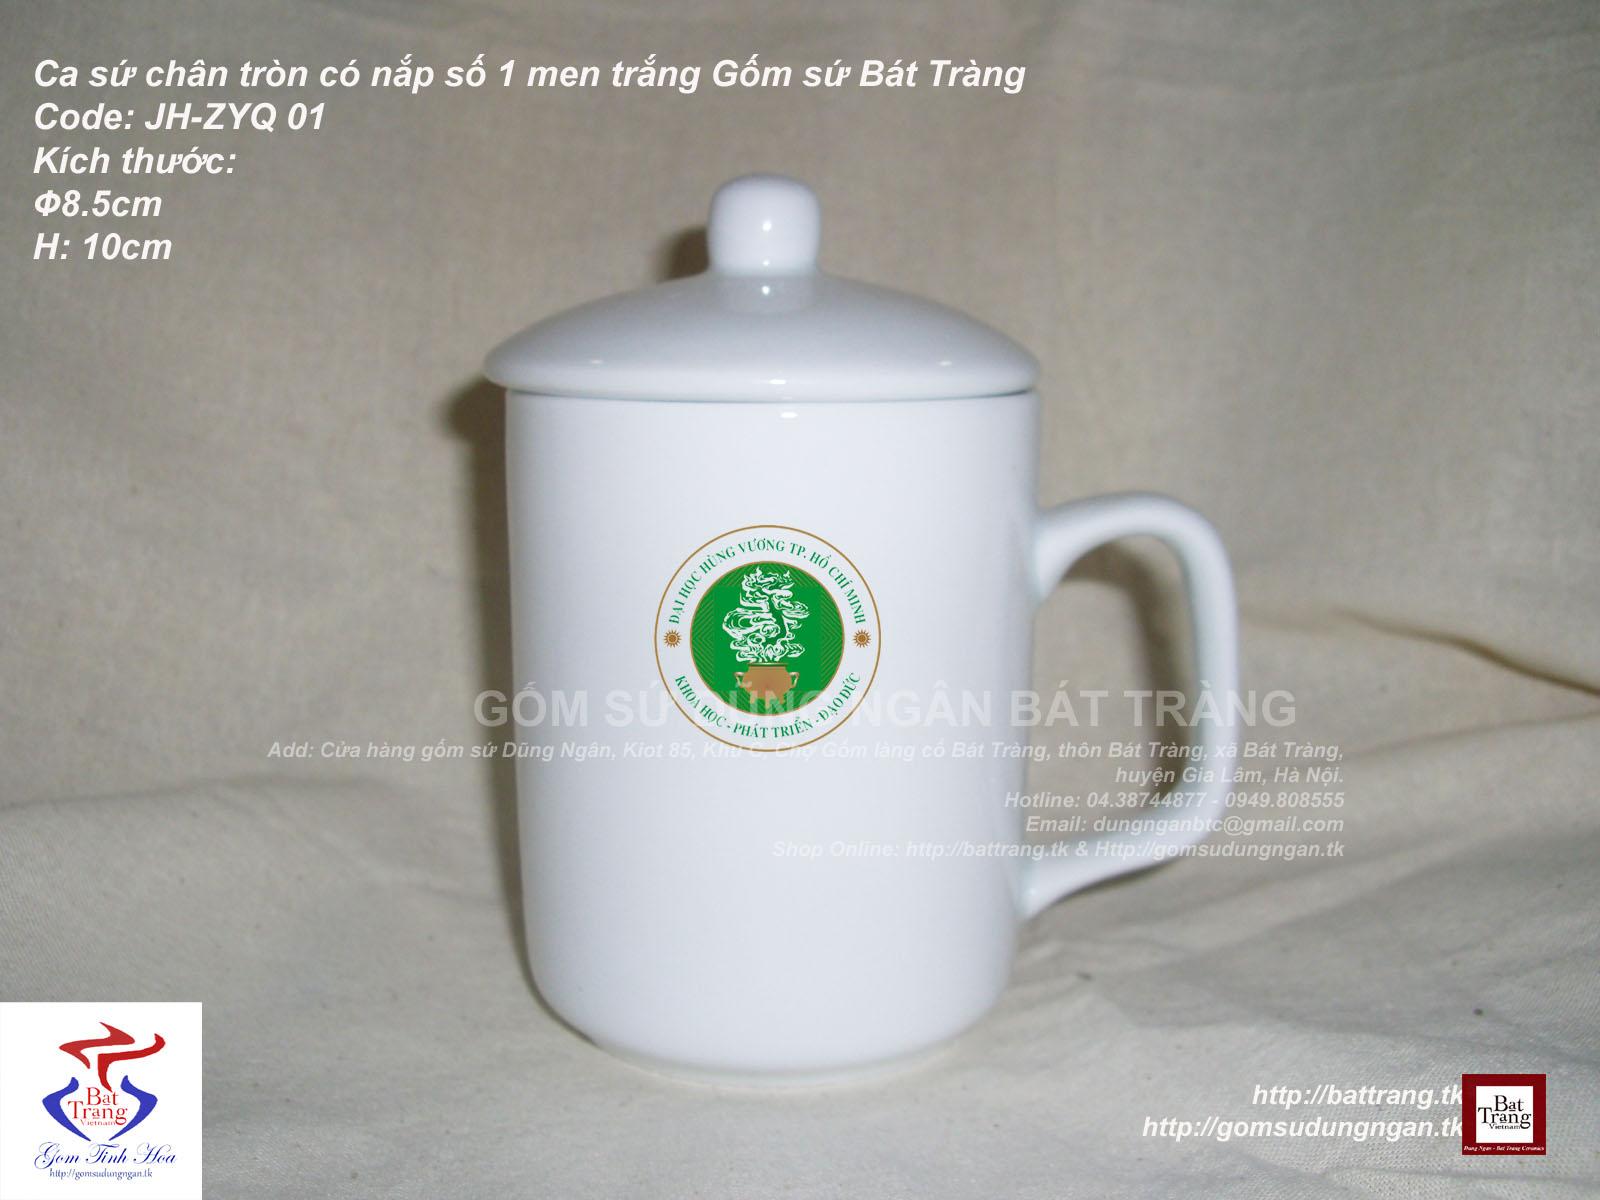 +Qua+tang+Hoi+nghi+Hoi+thao+Cong+ty+TNHH+Bat+Trang+Gom+Tinh+Hoa.jpg